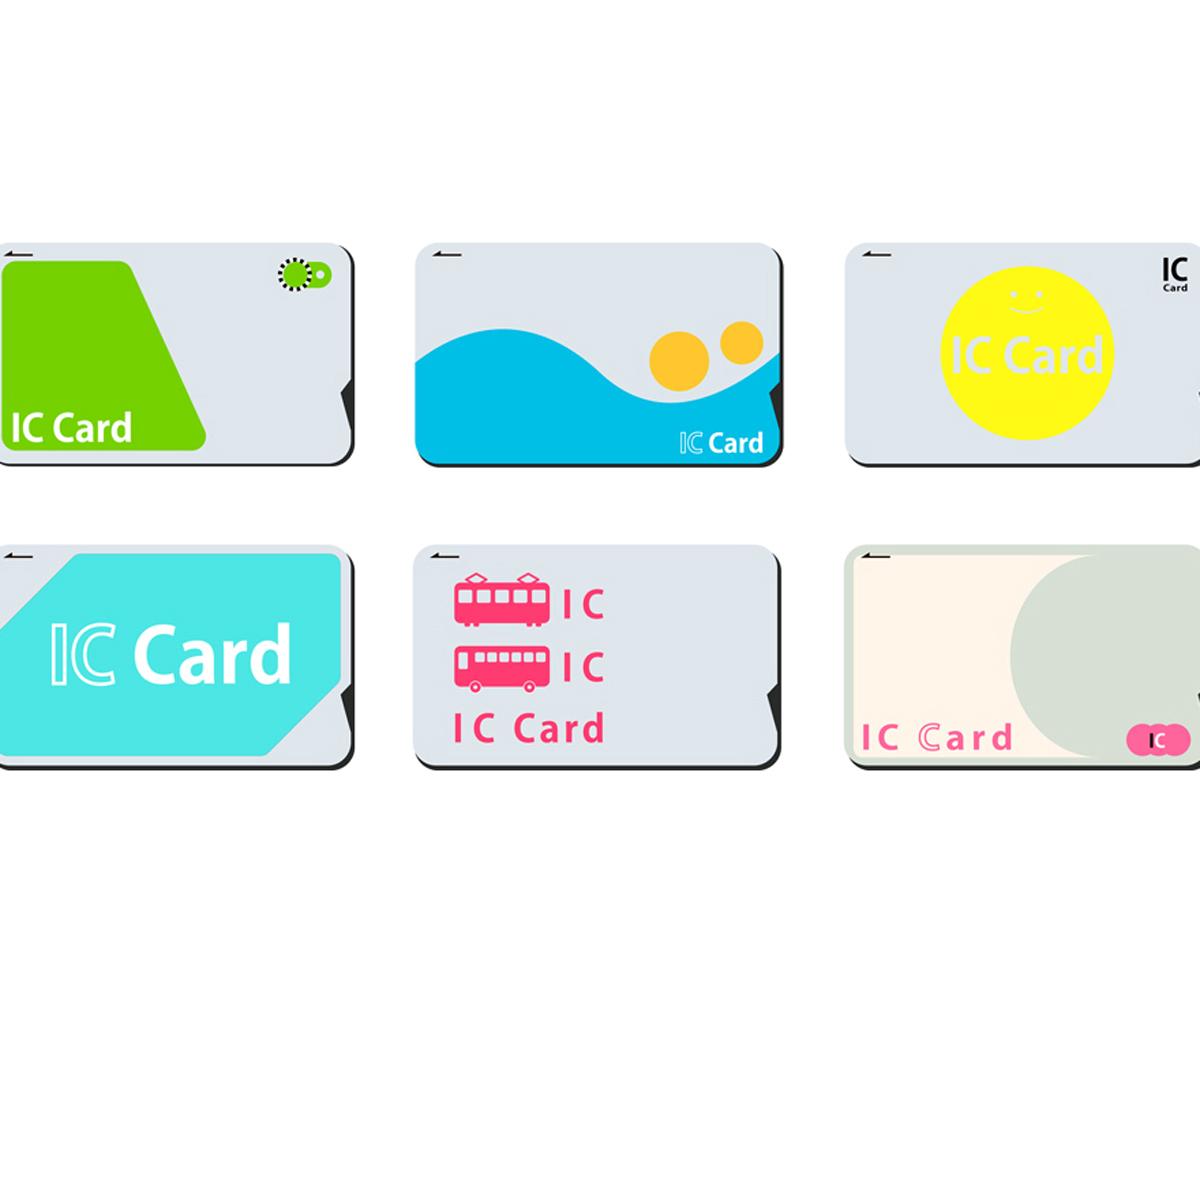 ポイント還元事業で使える? 使えない? 全国10種の「交通系ICカード」を調査